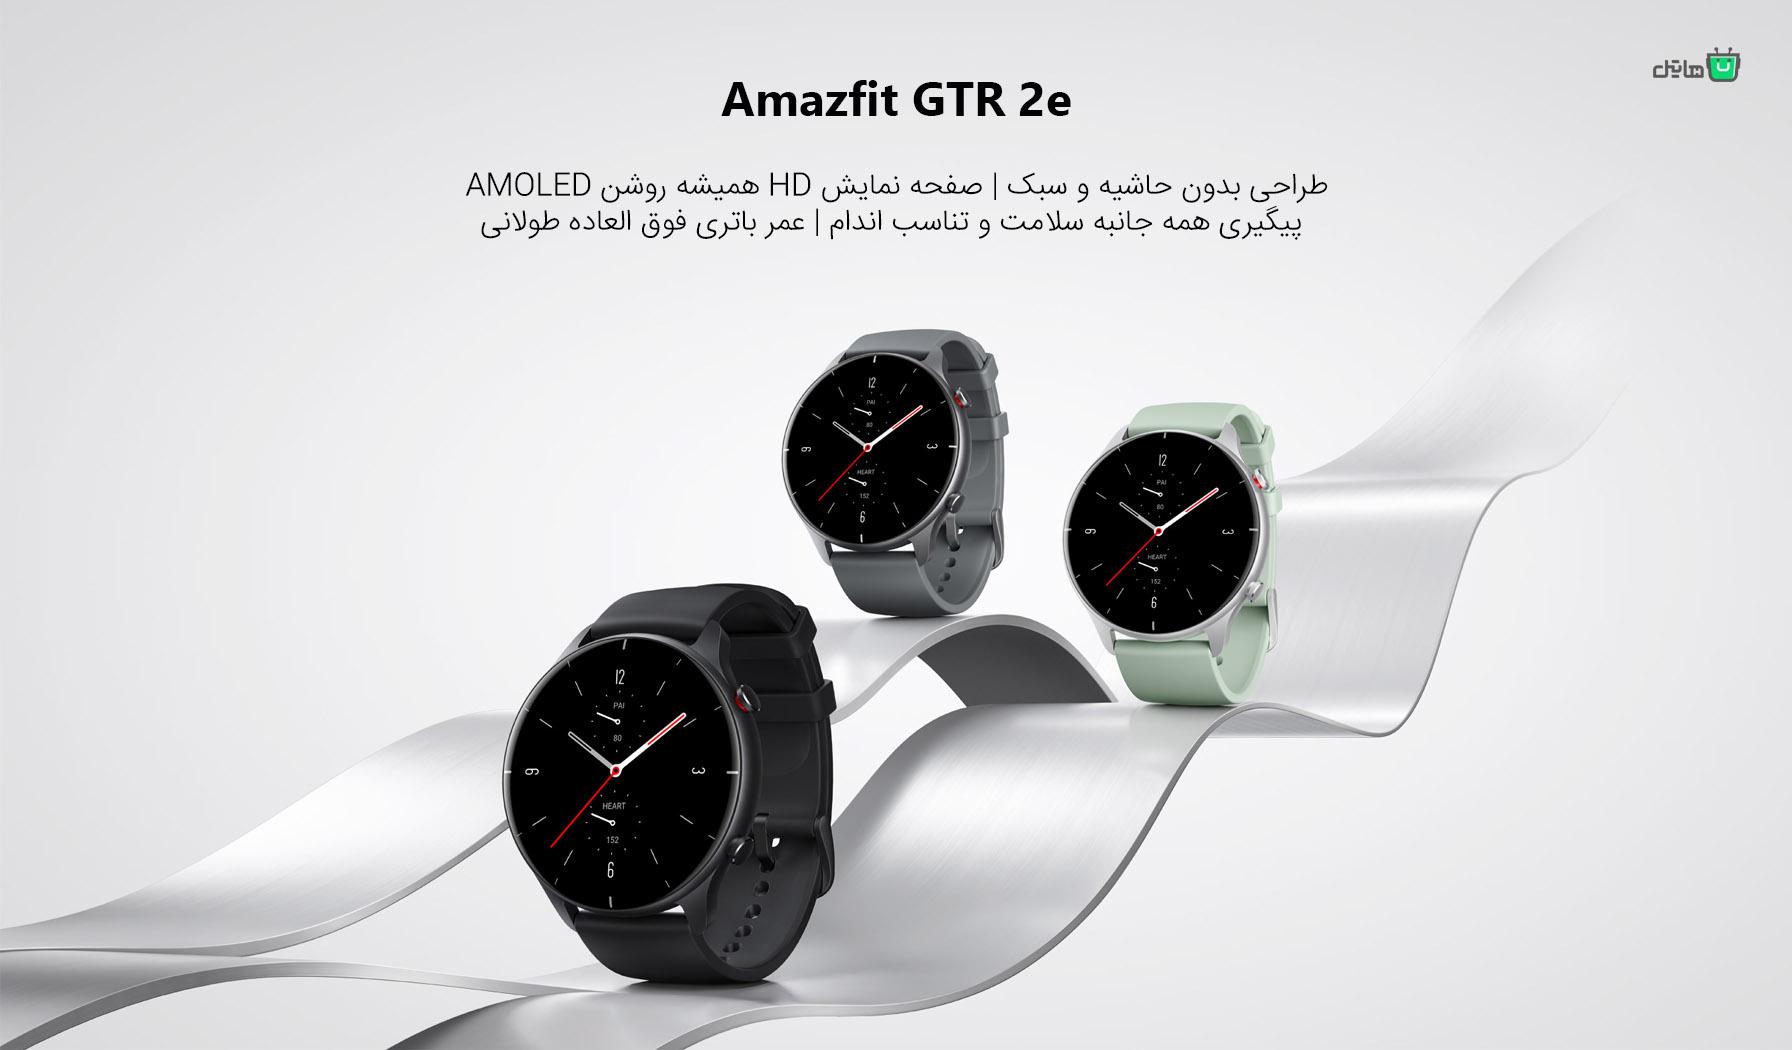 ساعت هوشمند امیزفیت Amazfit GTR 2e